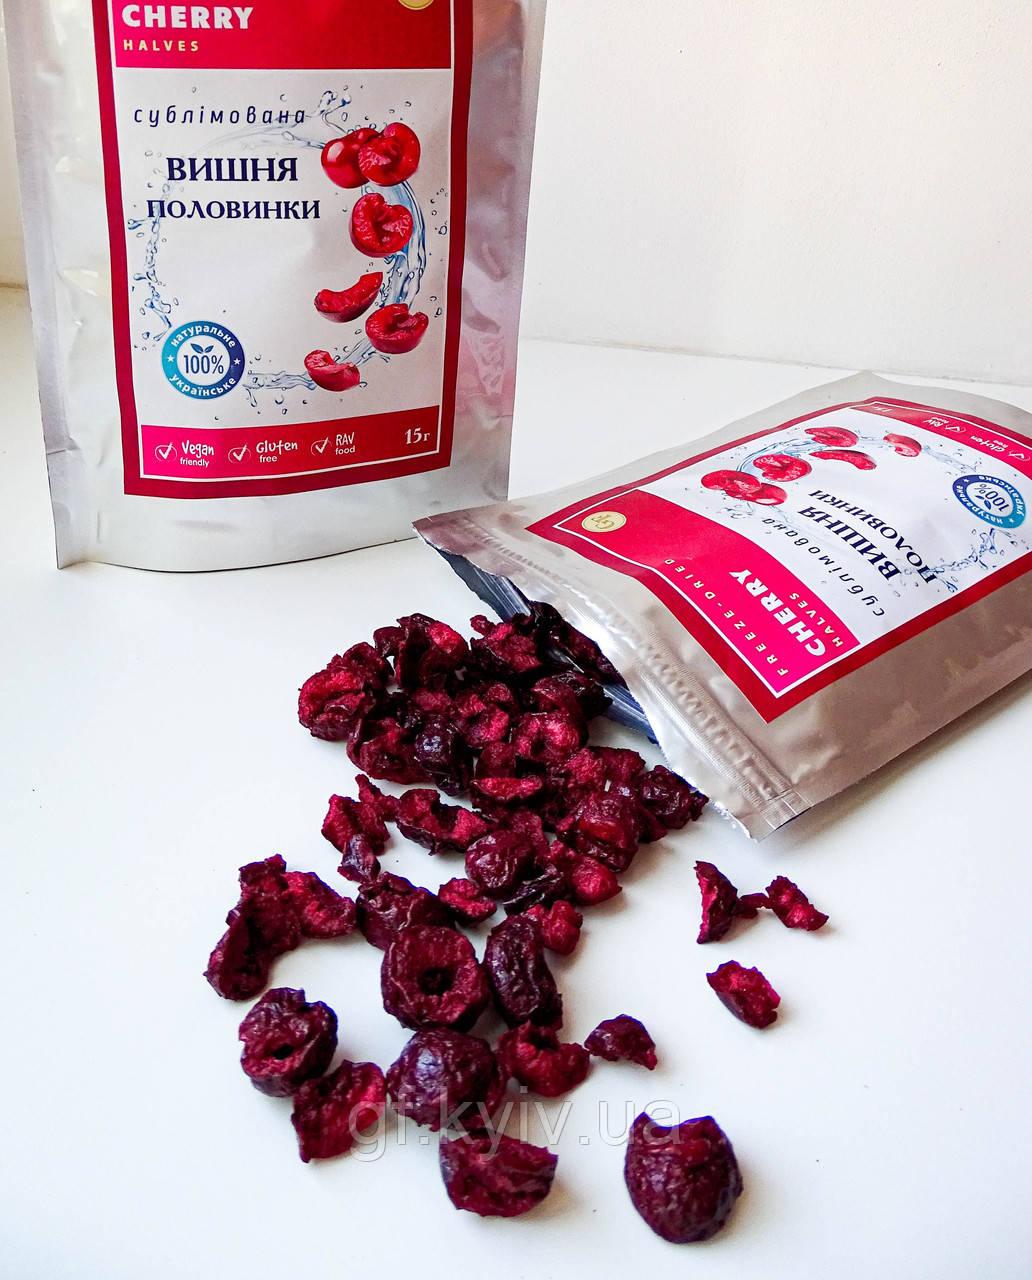 Вишня половинки 30г сублимированная натуральная ягода от украинского производителя